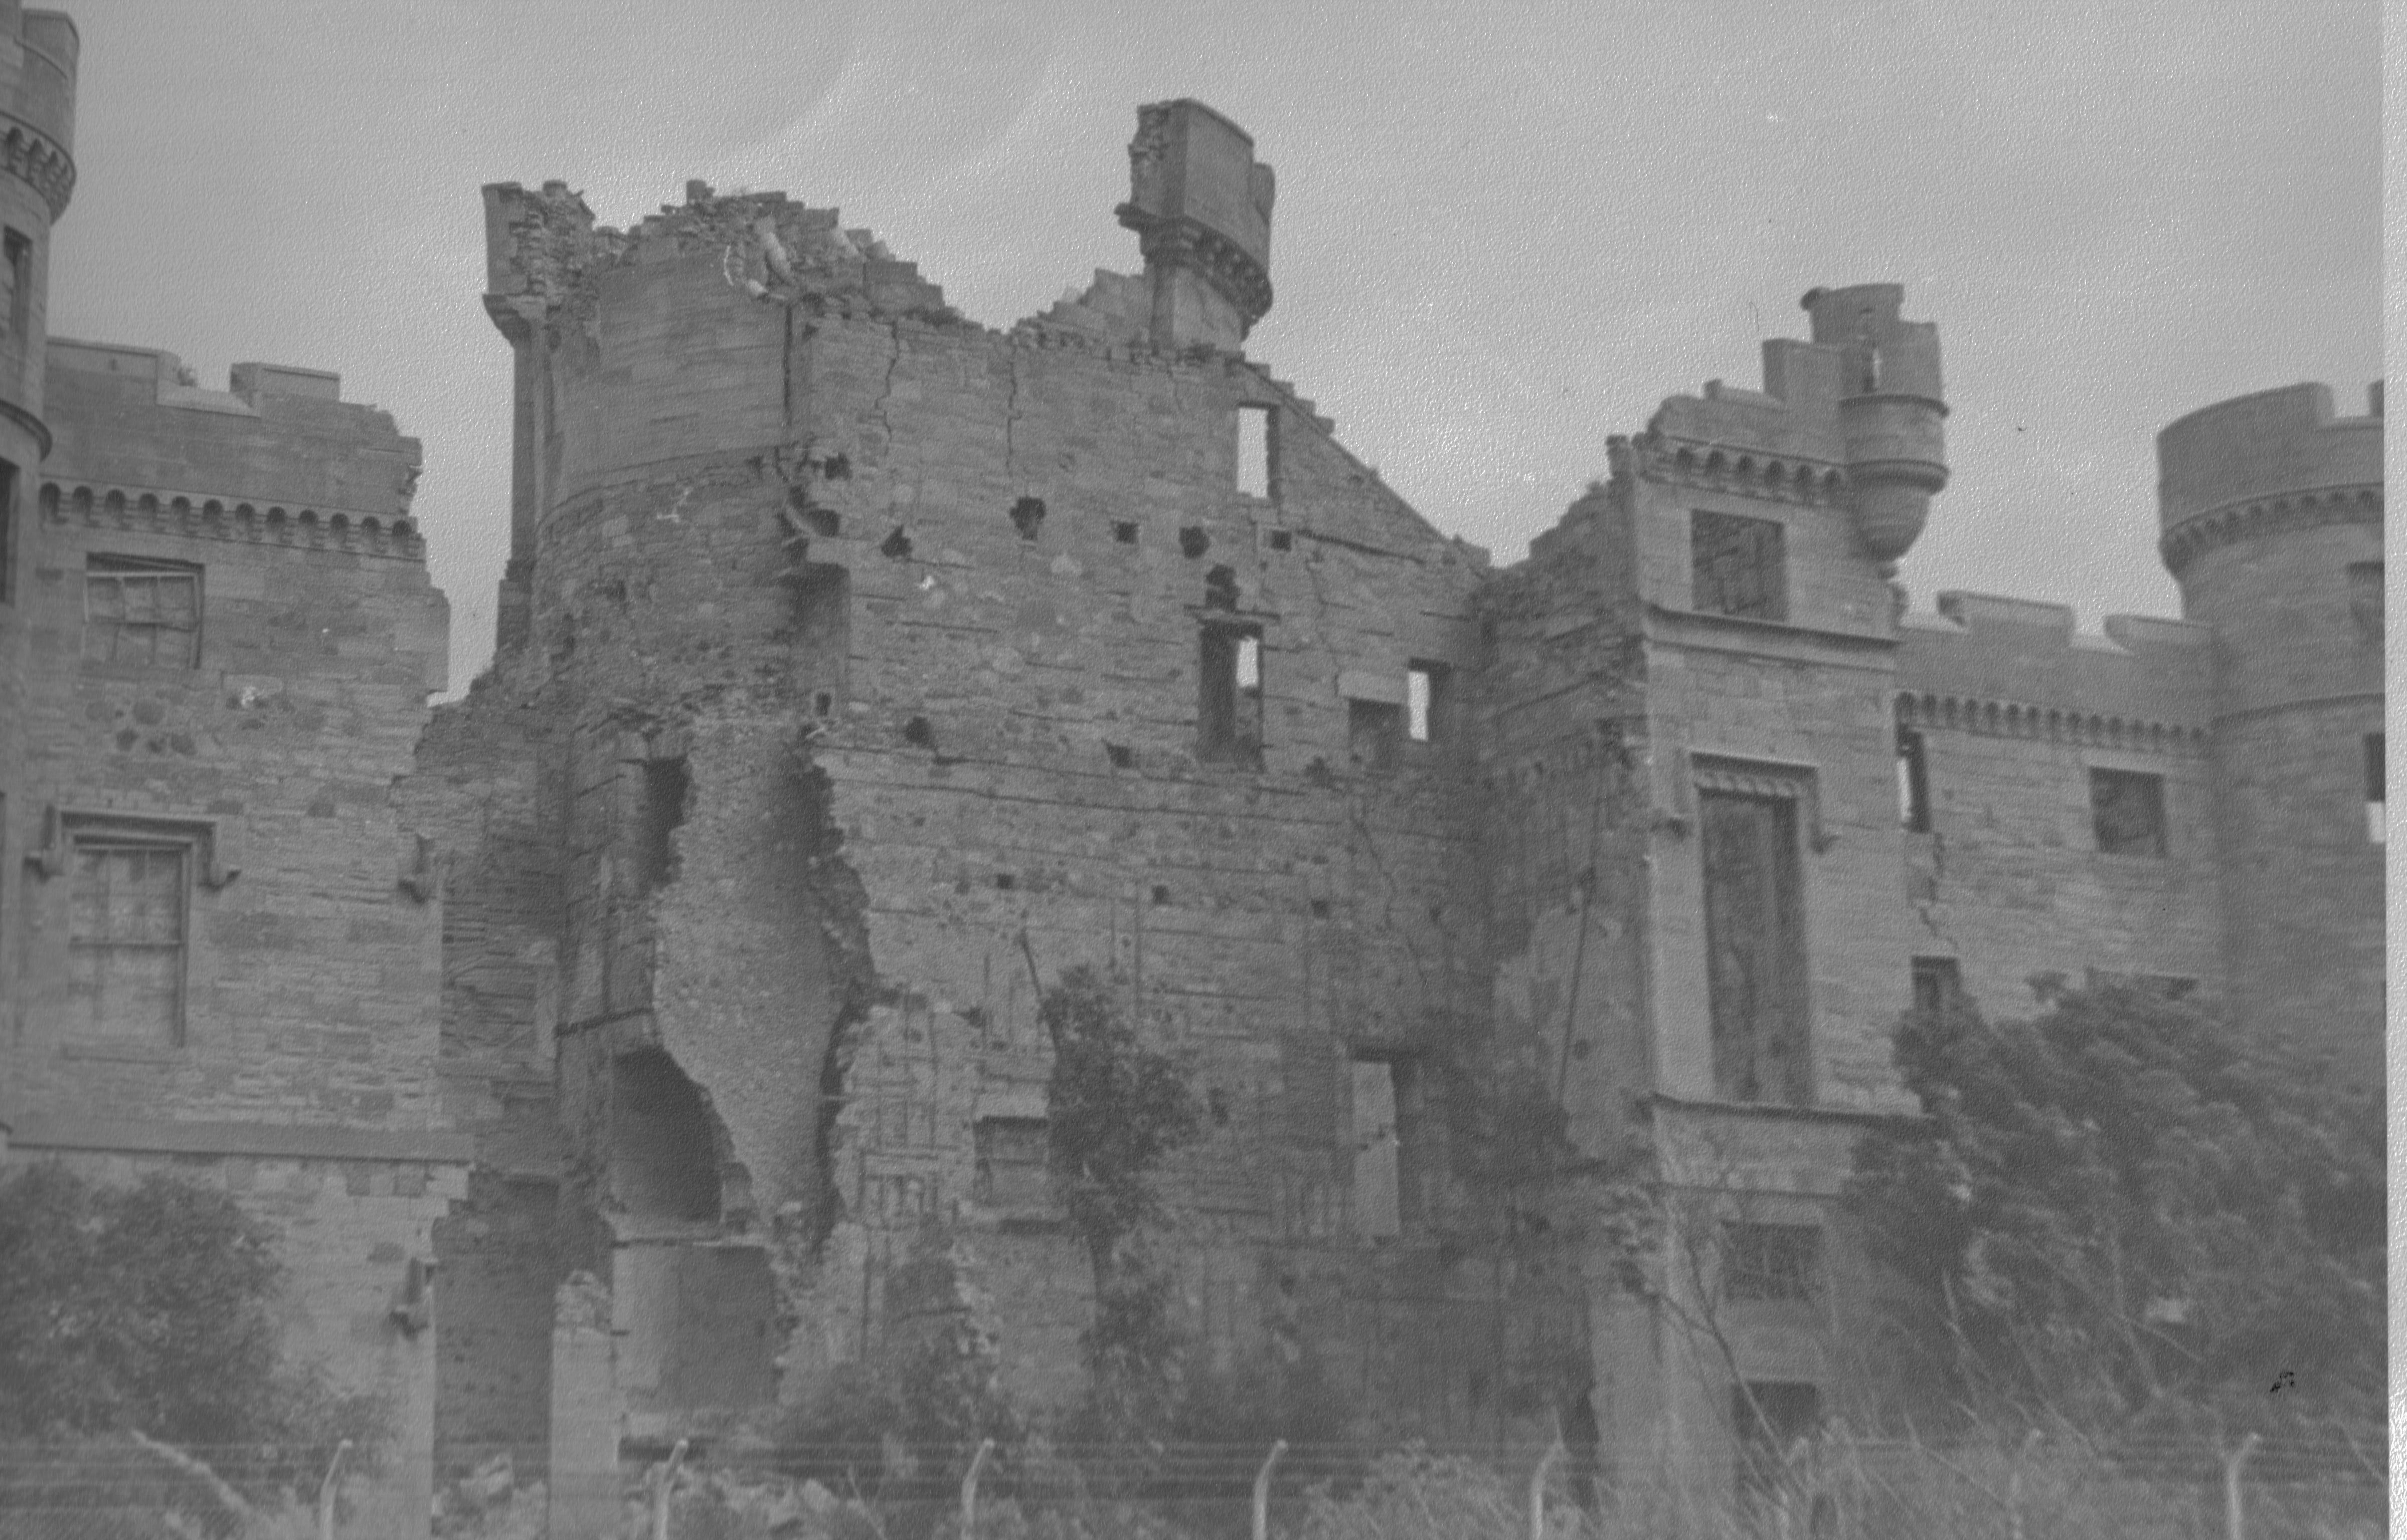 Eglinton_castle_ruins_1965.jpg